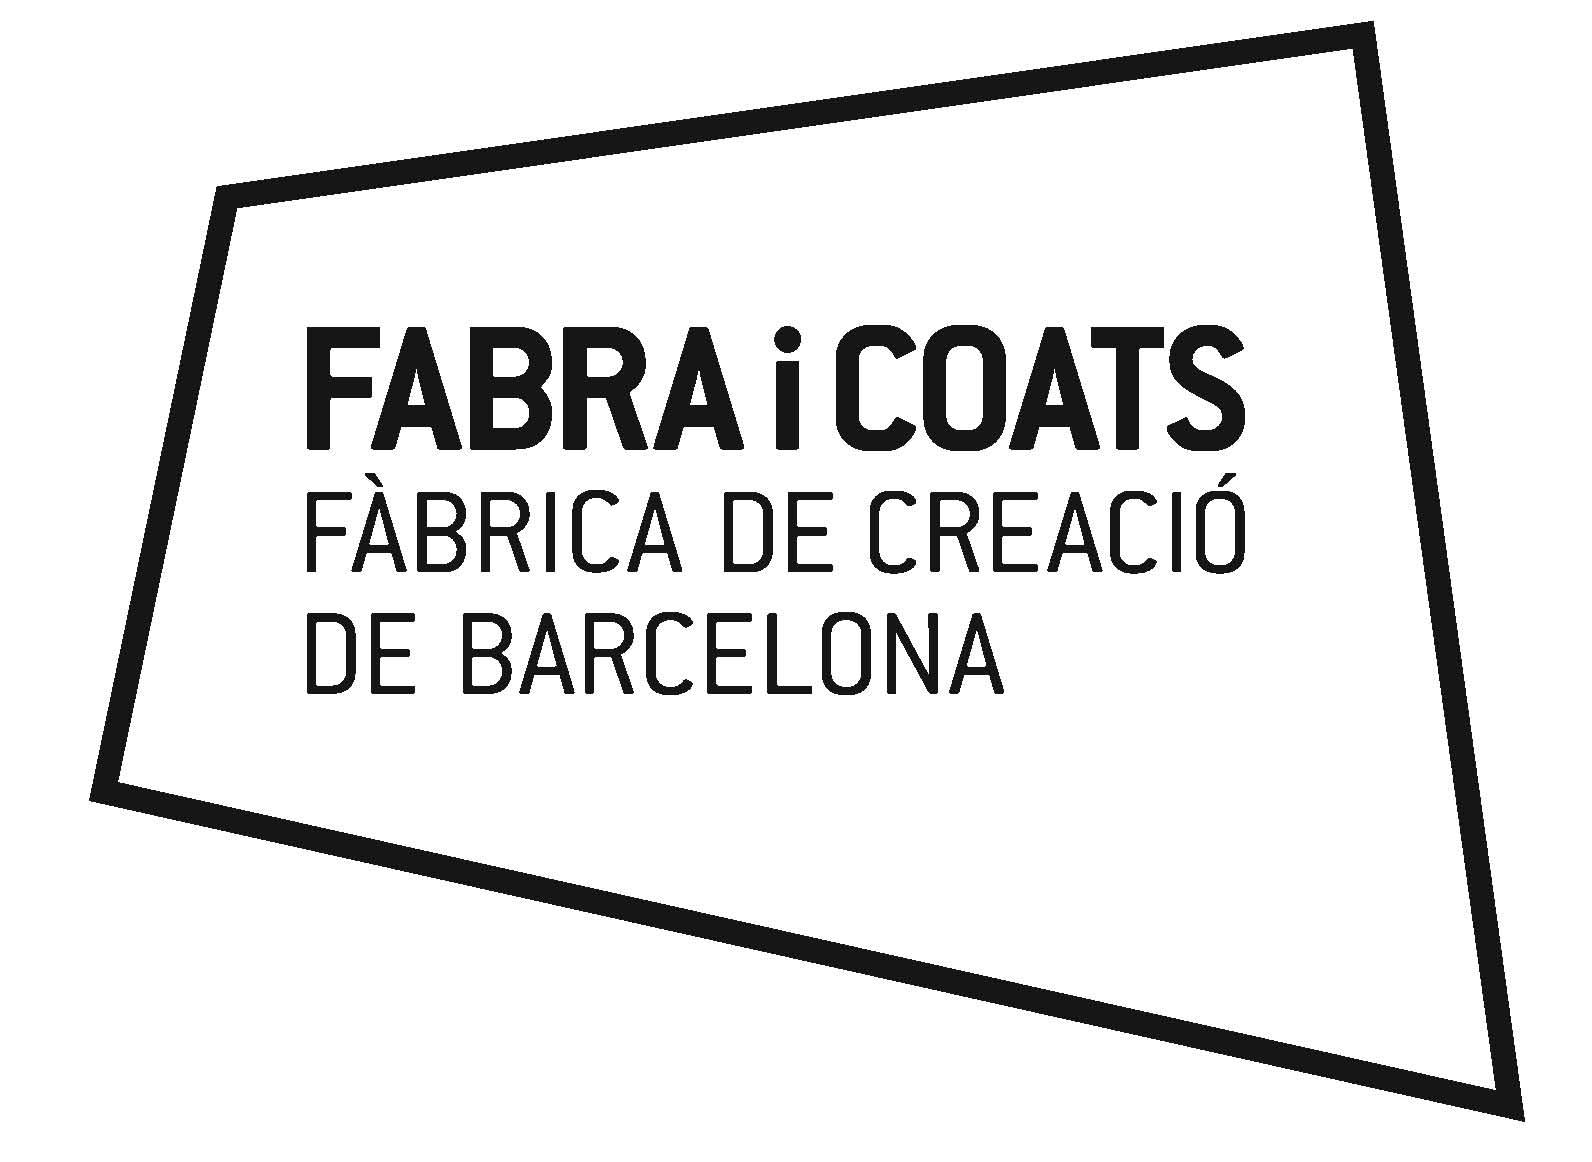 logo Fabra-i-coats